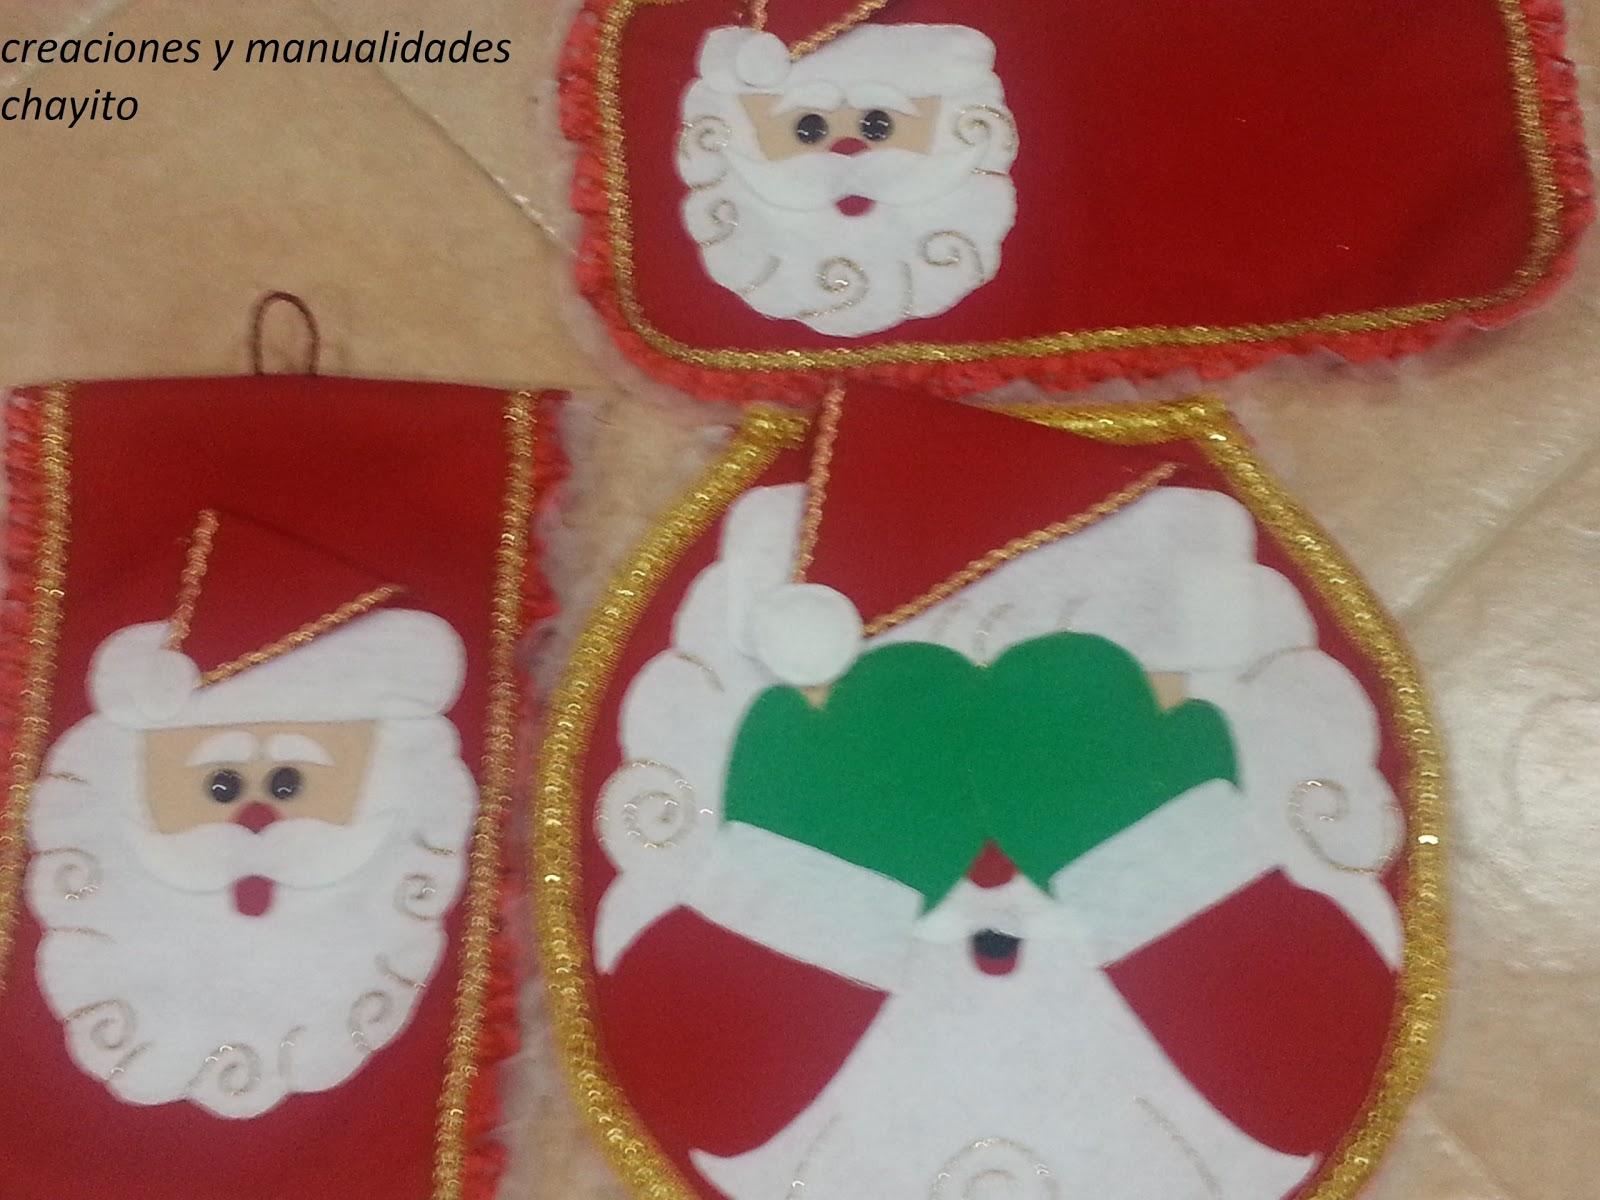 """Juegos De Baño Santa Claus:Creaciones y Manualidades """"Chayito"""": juegos de baño de santa claus"""